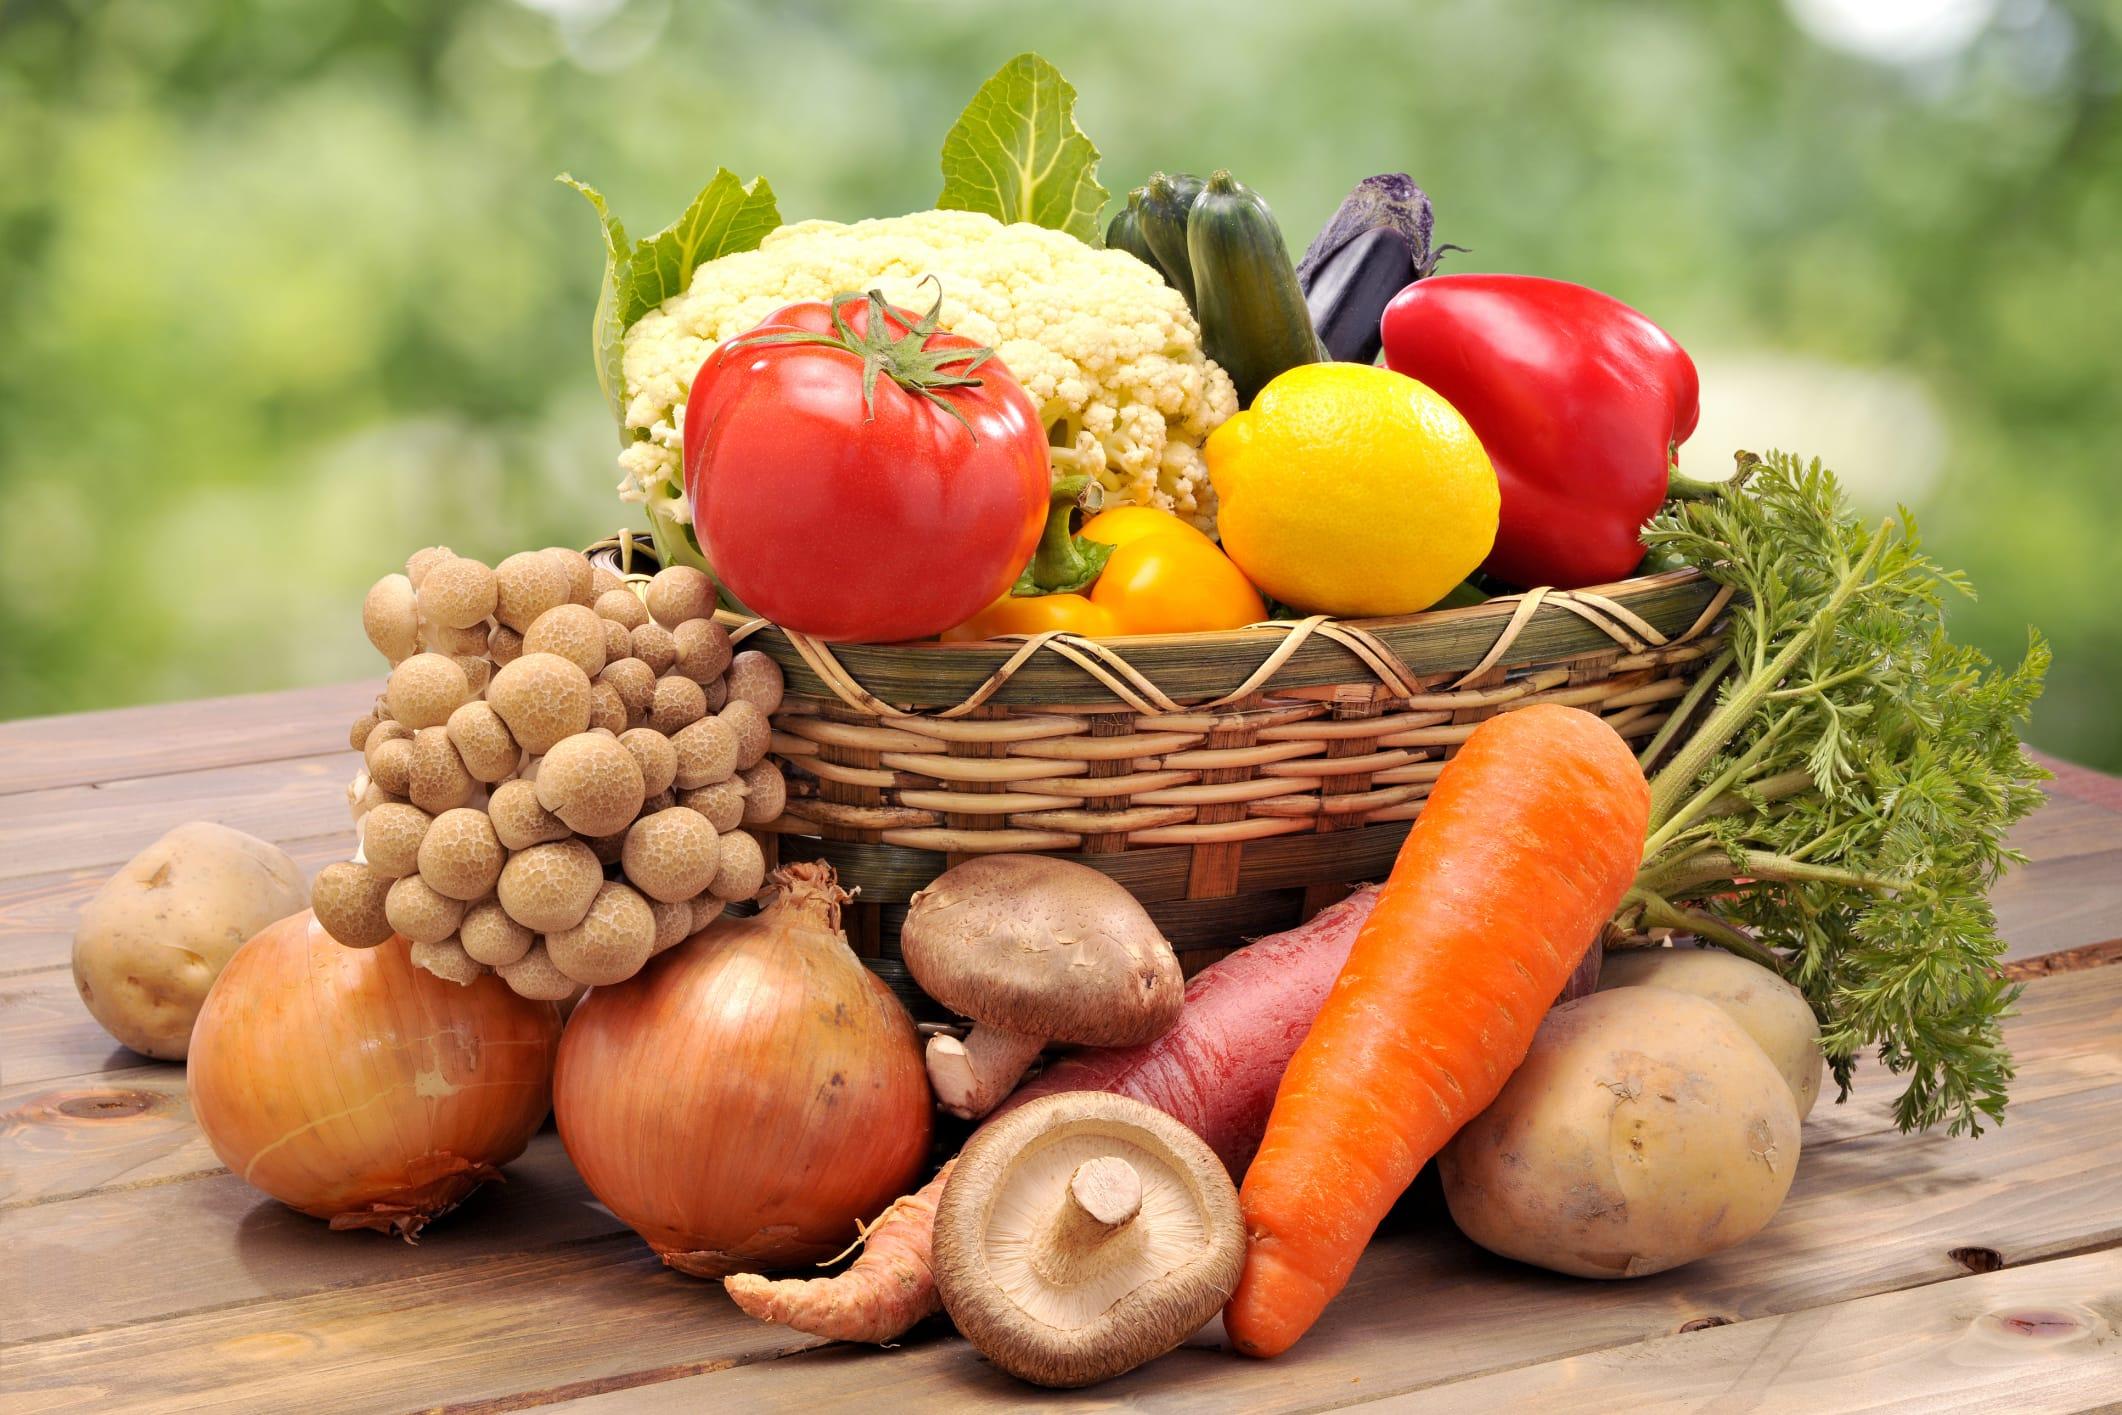 Propriet frutta e verdura in base al colore non sprecare - Contorno di immagini di frutta ...